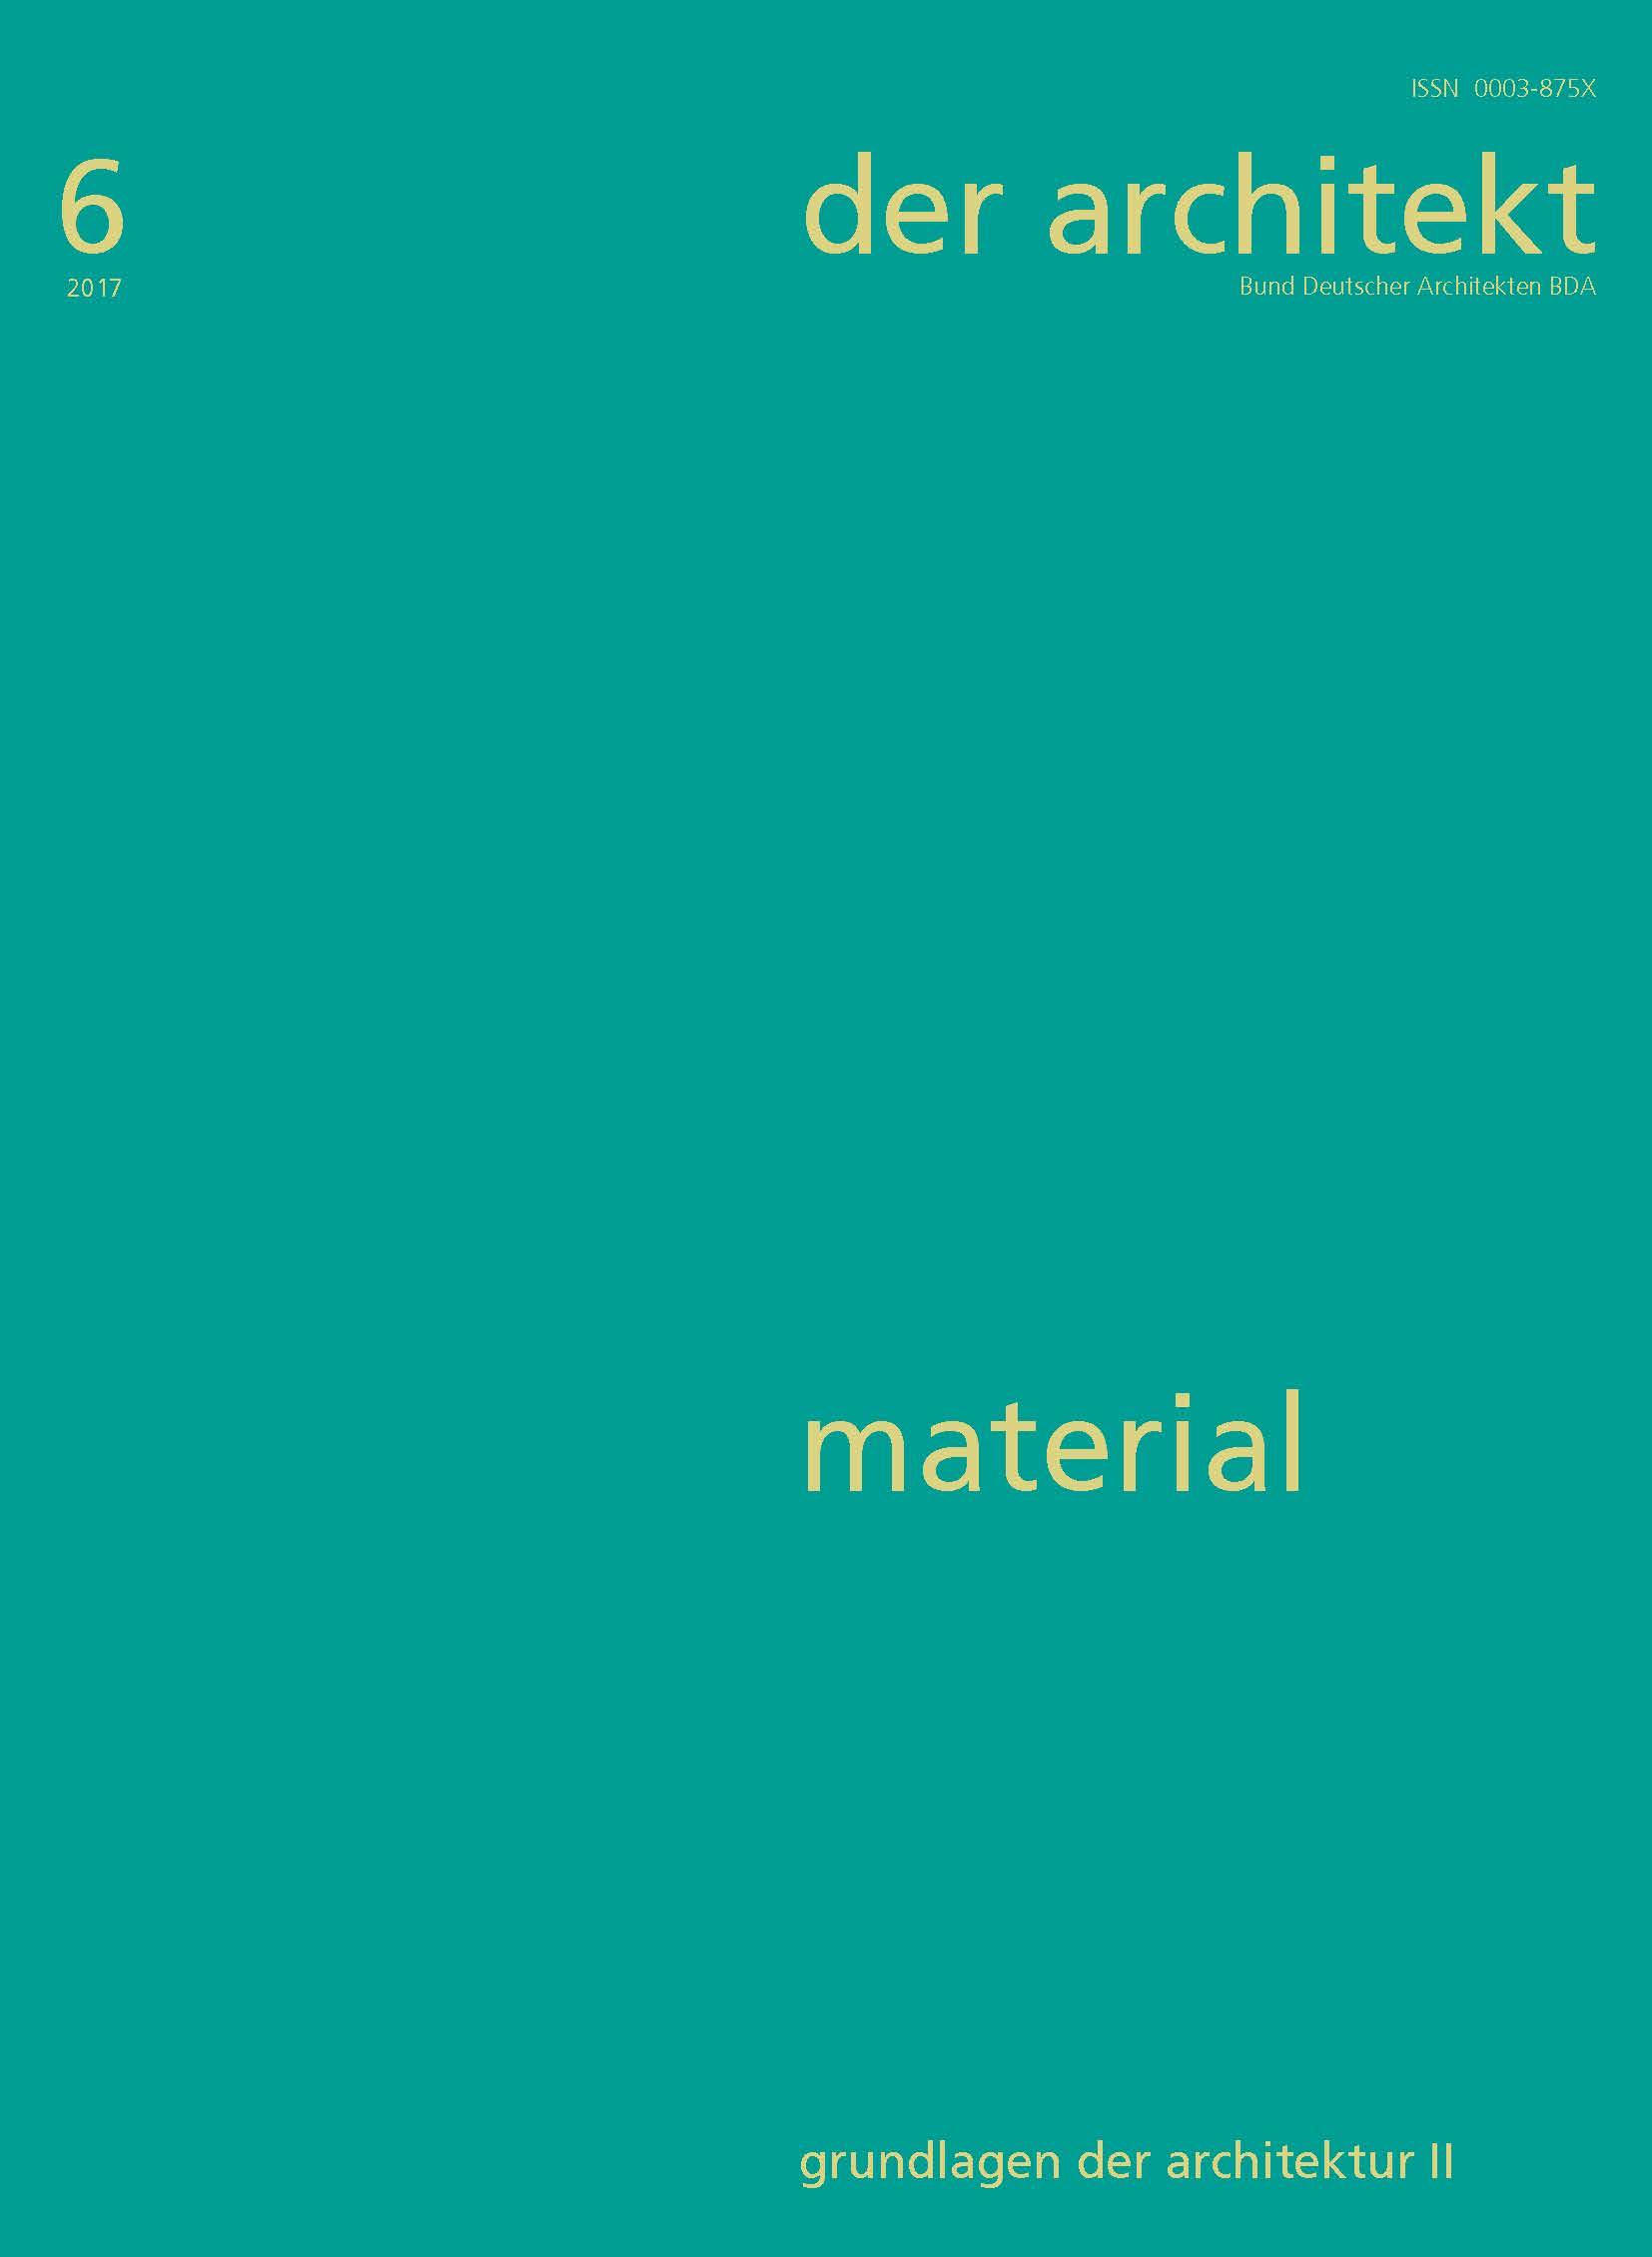 Usarch janus material und architektur for Raumgestaltung grundlagen